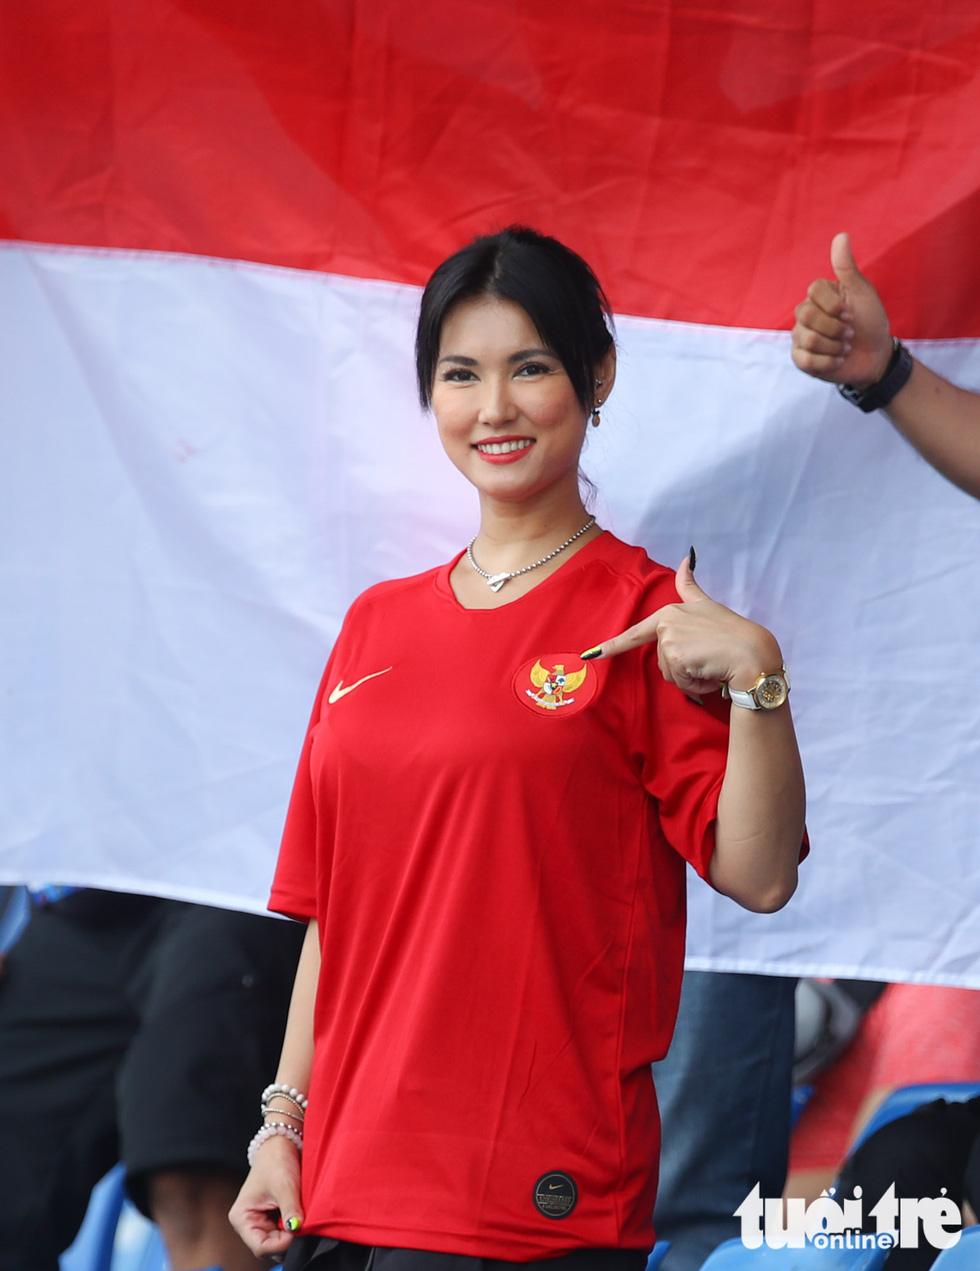 Maria Ozawa nóng bỏng trên khán đài trận đấu Thái Lan - Indonesia - Ảnh 2.